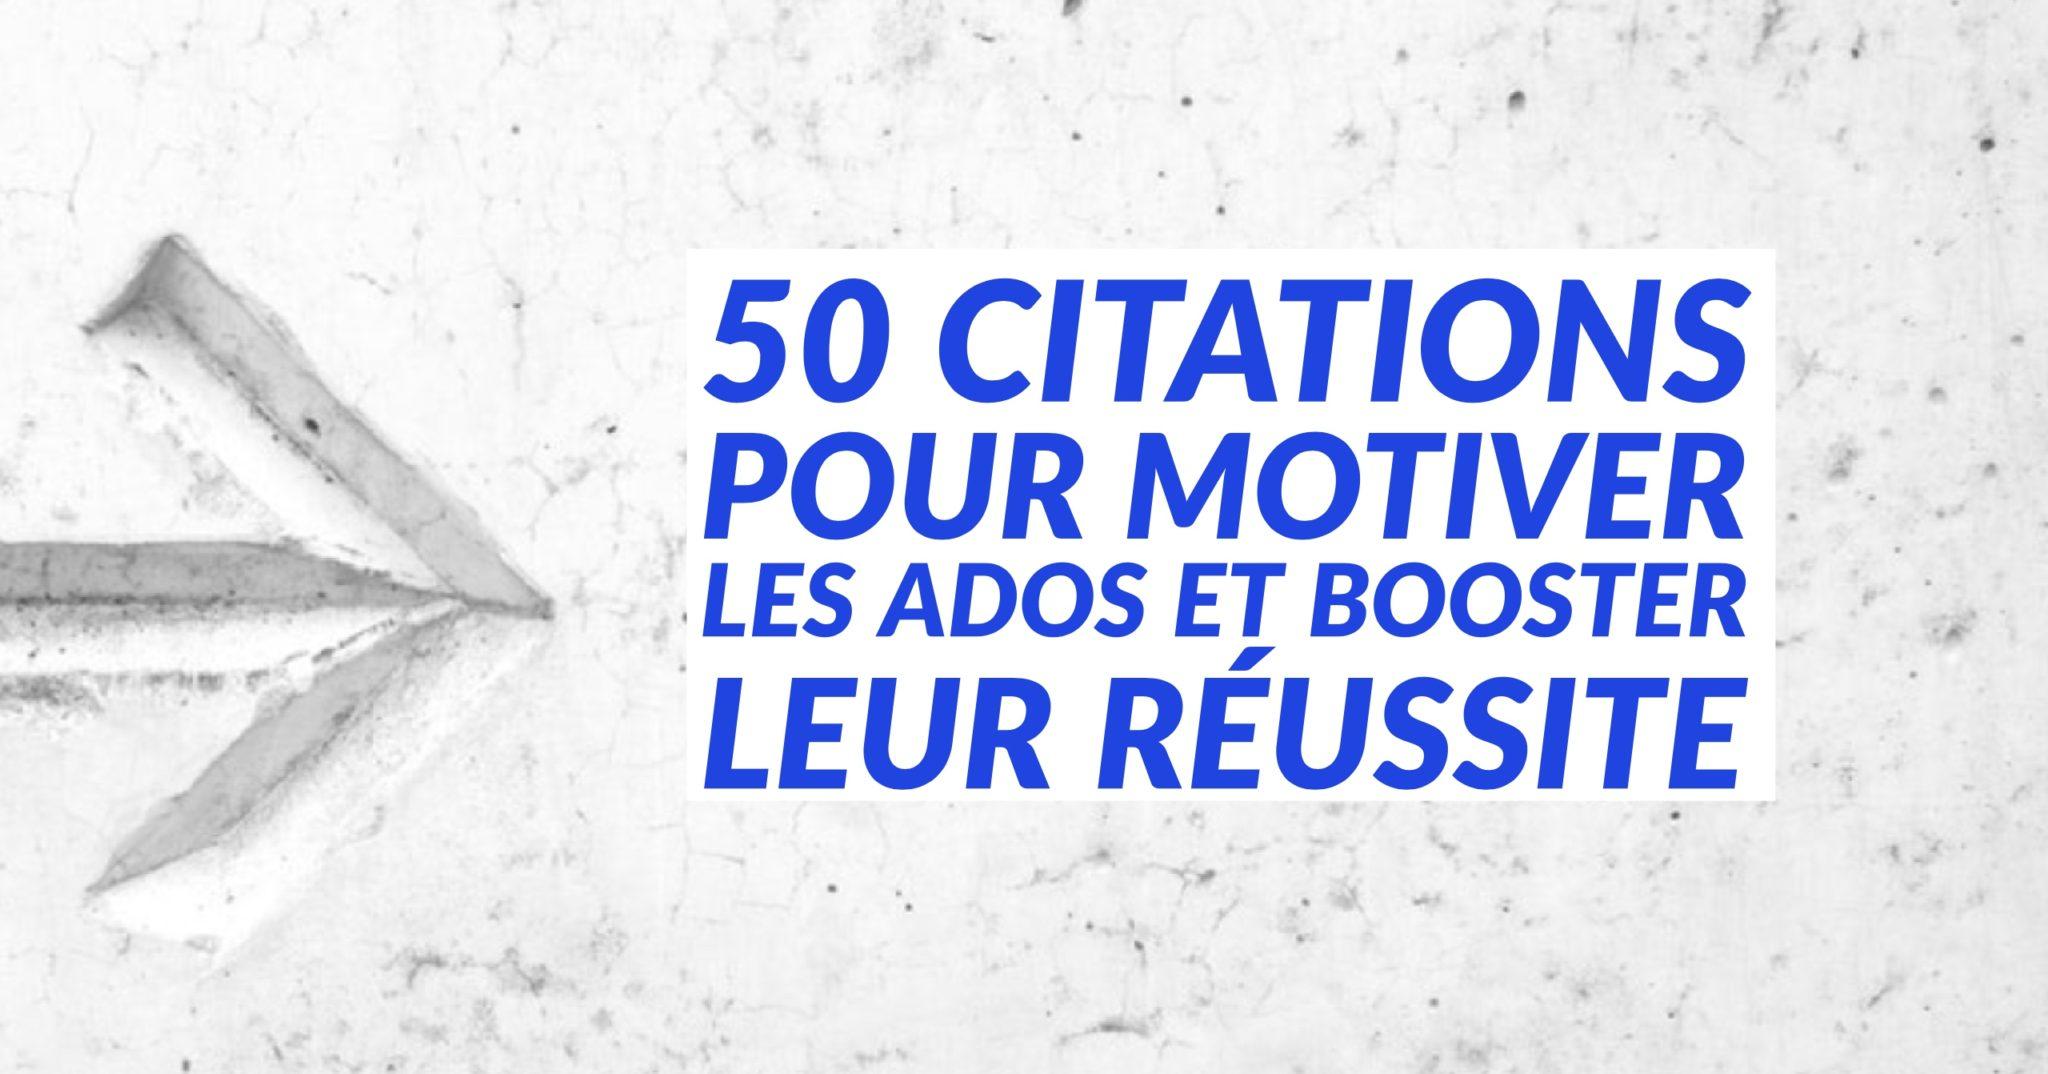 50 Citations Pour Motiver Les Ados Et Booster Leur Réussite